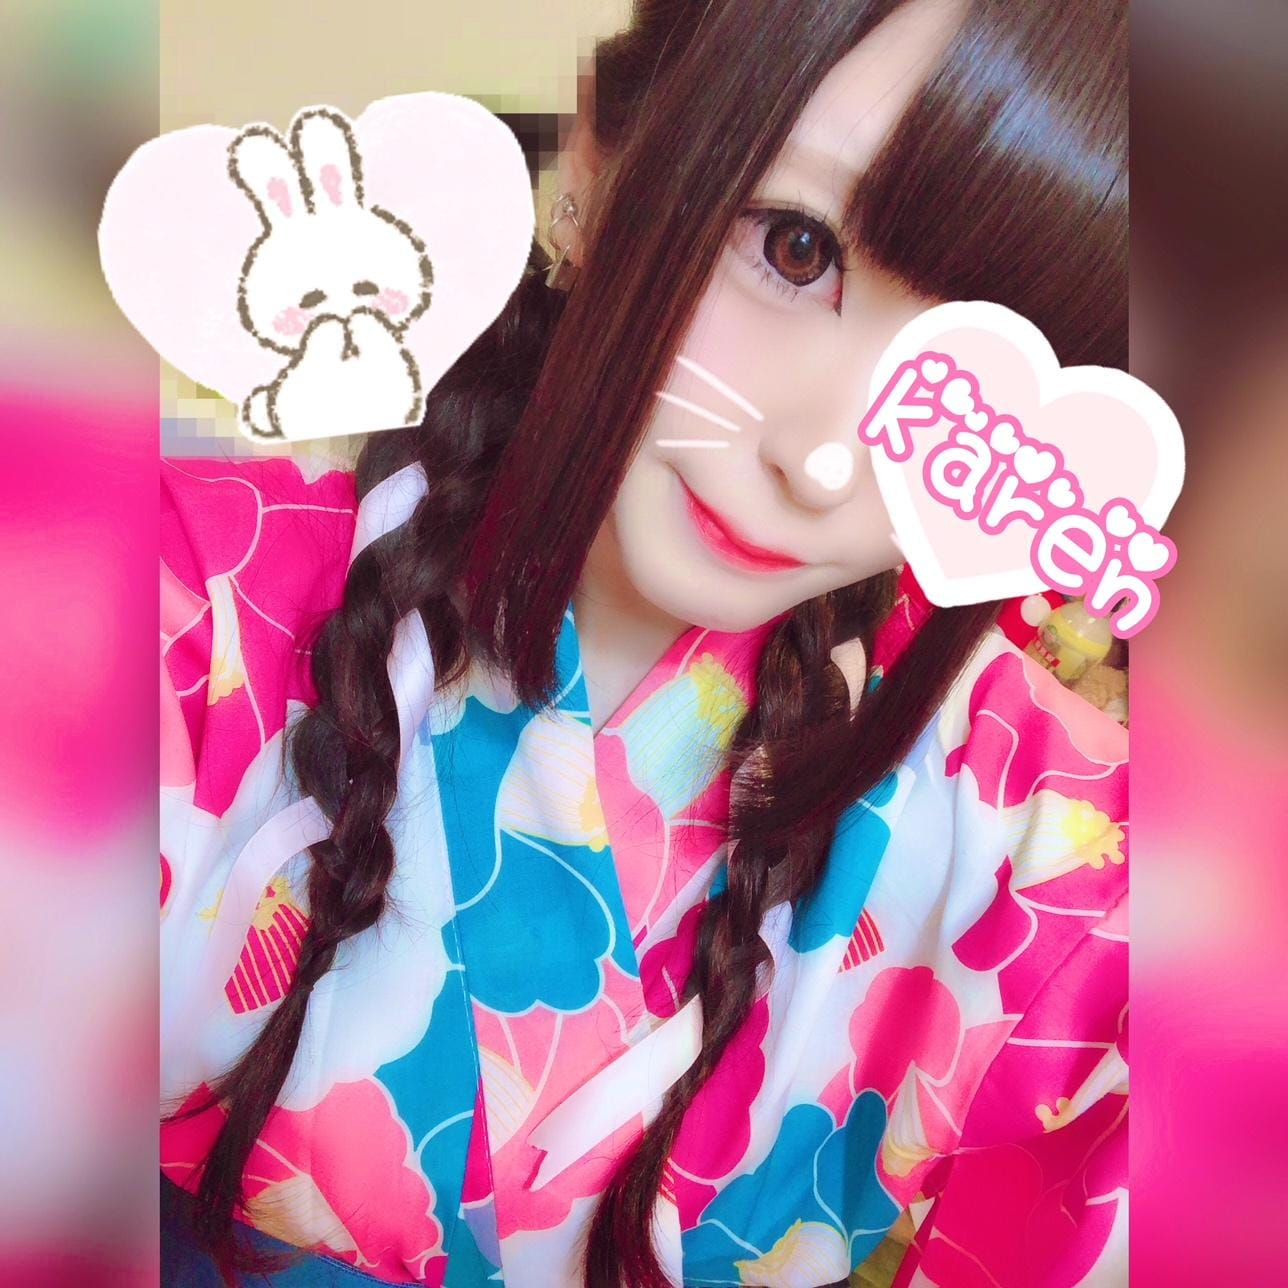 「おやすみψ(⃔ ・-・×)⃕↝」08/06(月) 05:05 | かれんの写メ・風俗動画